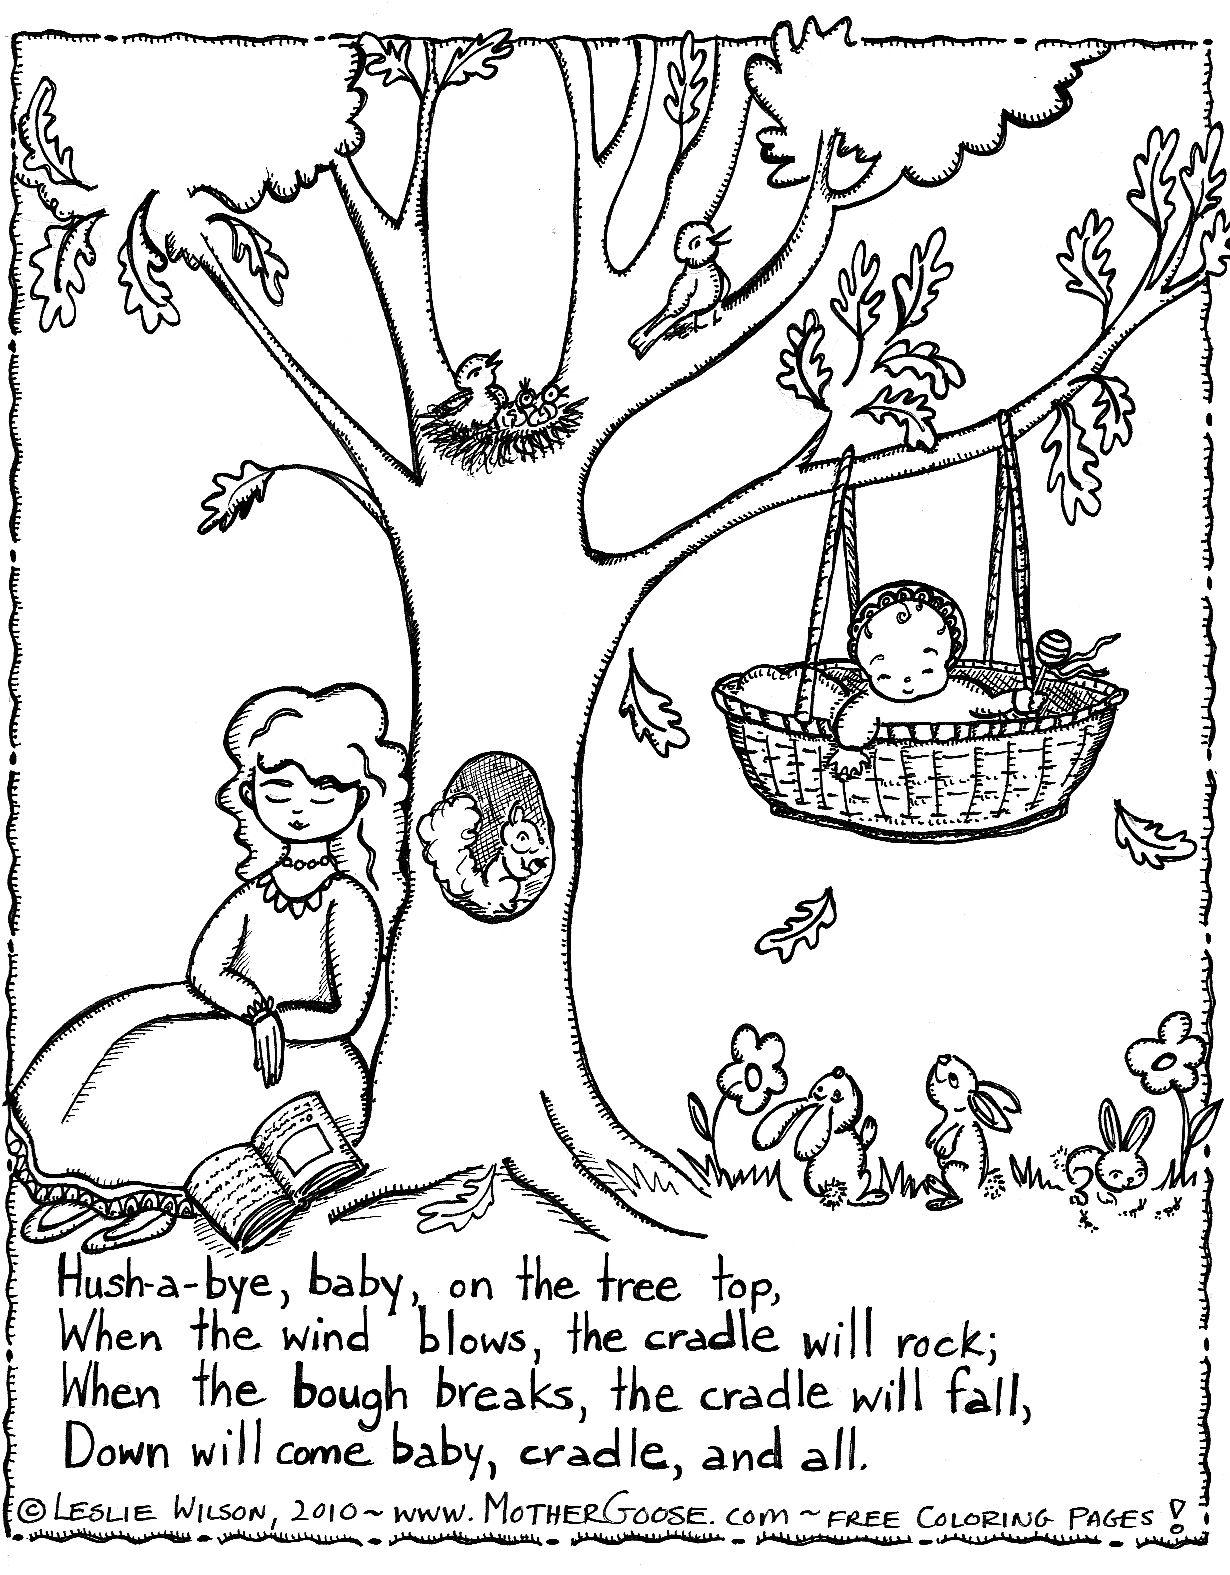 Nursery rhyme coloring page | NURSERY RHYMES | Pinterest | Nursery ...